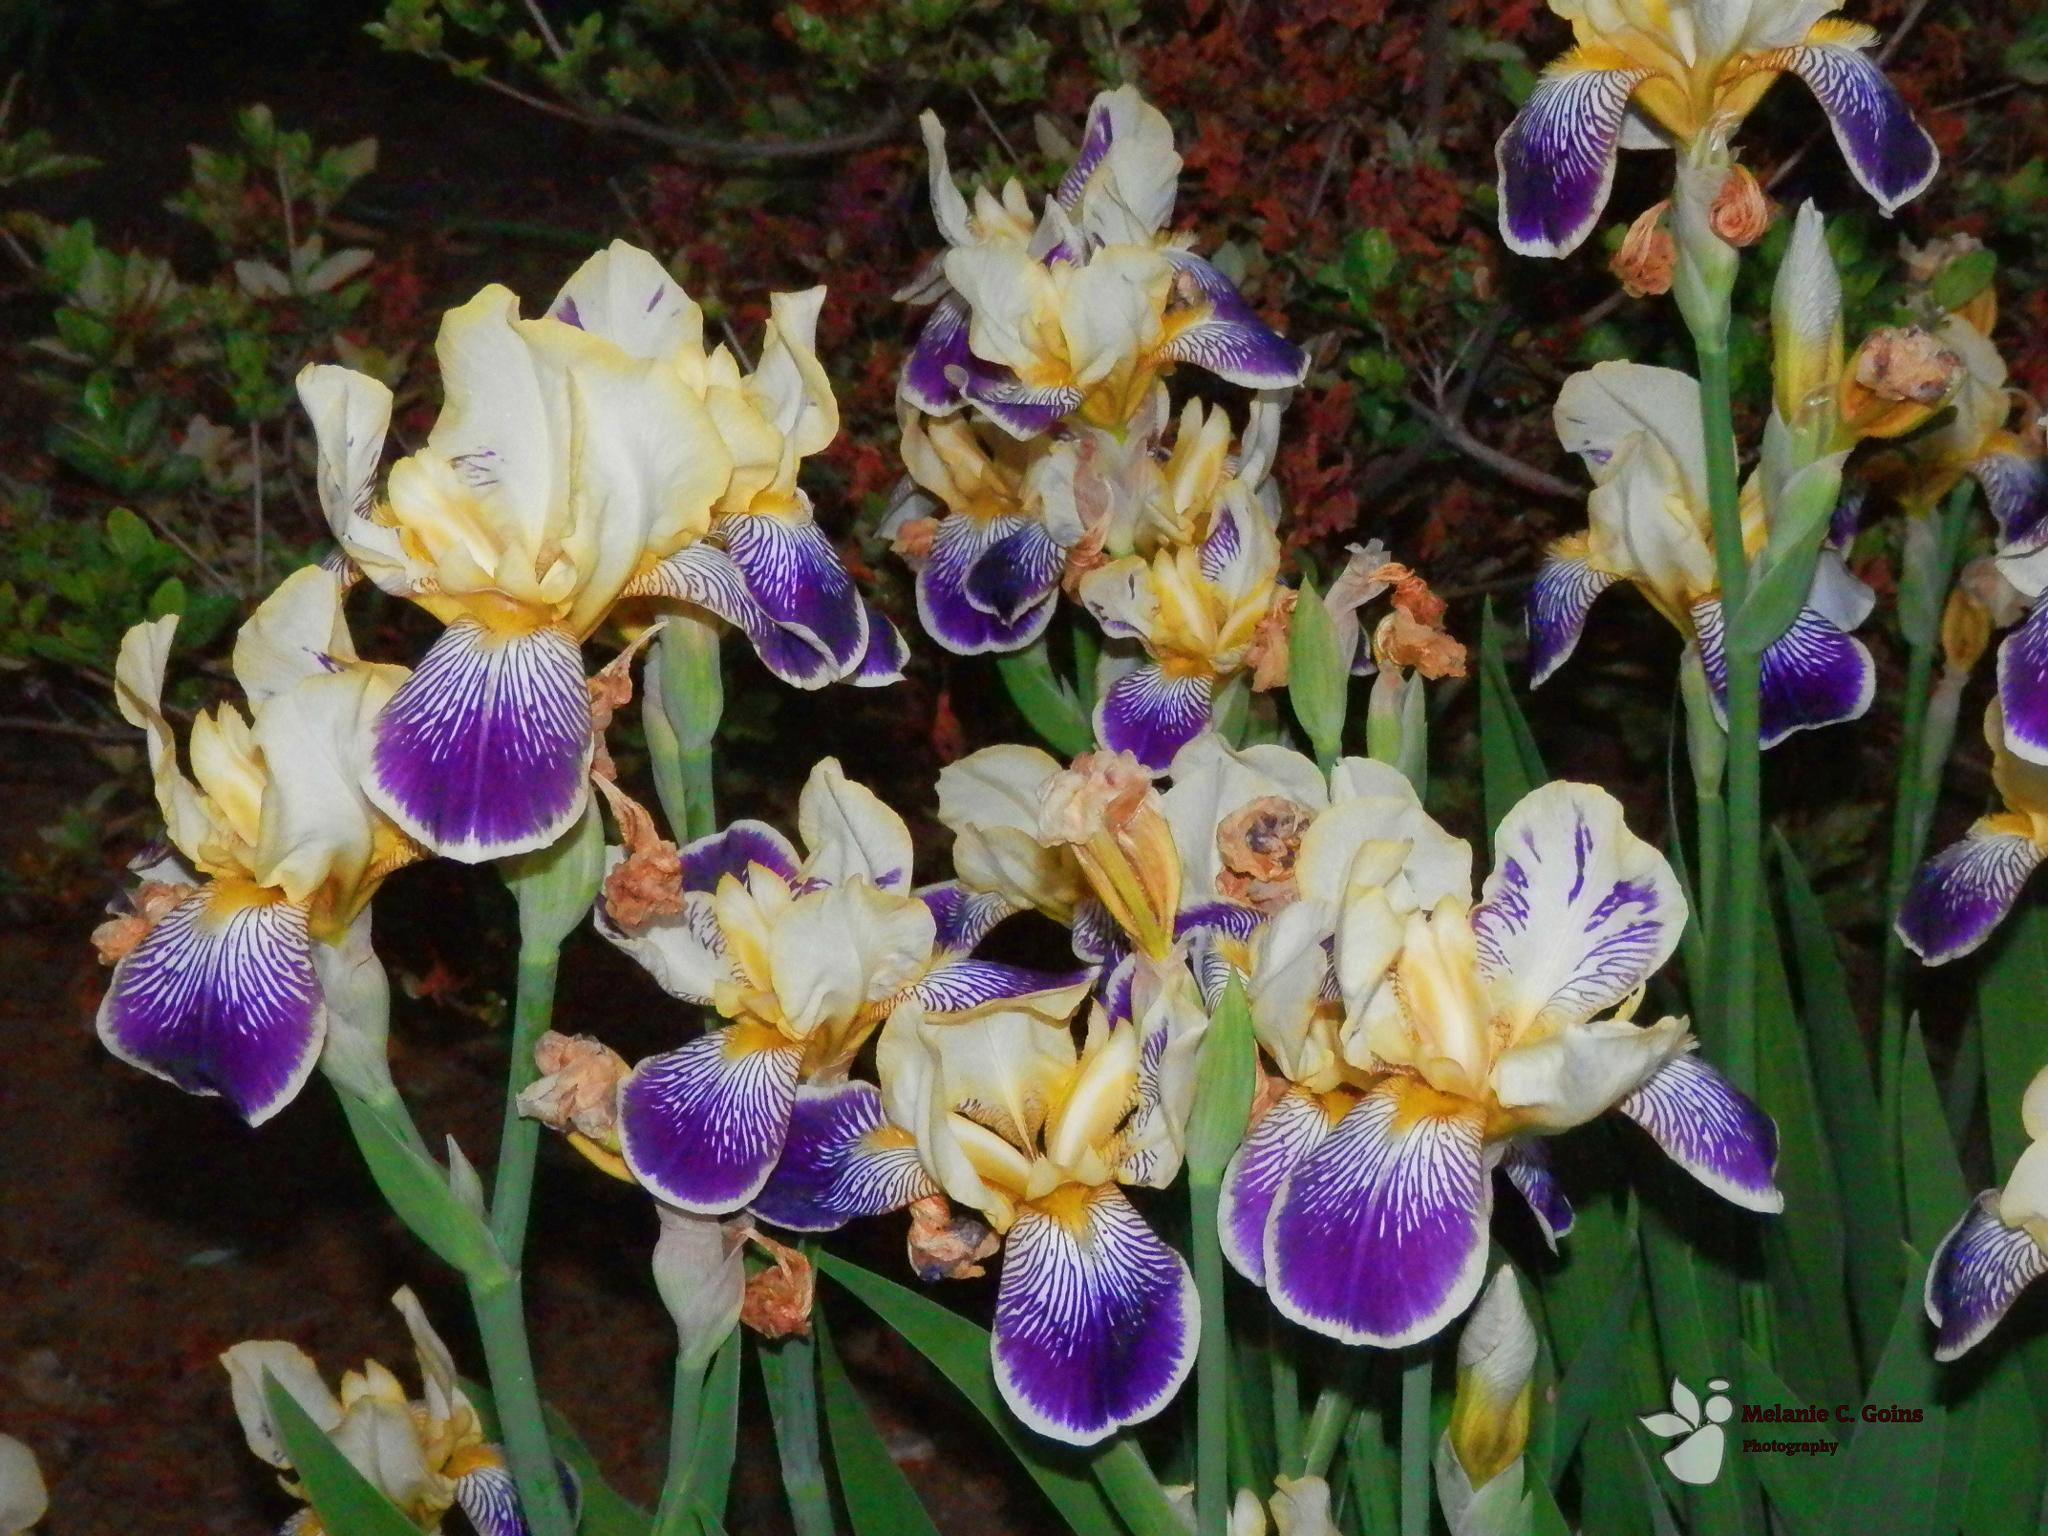 beautiful iris by melanie.goins